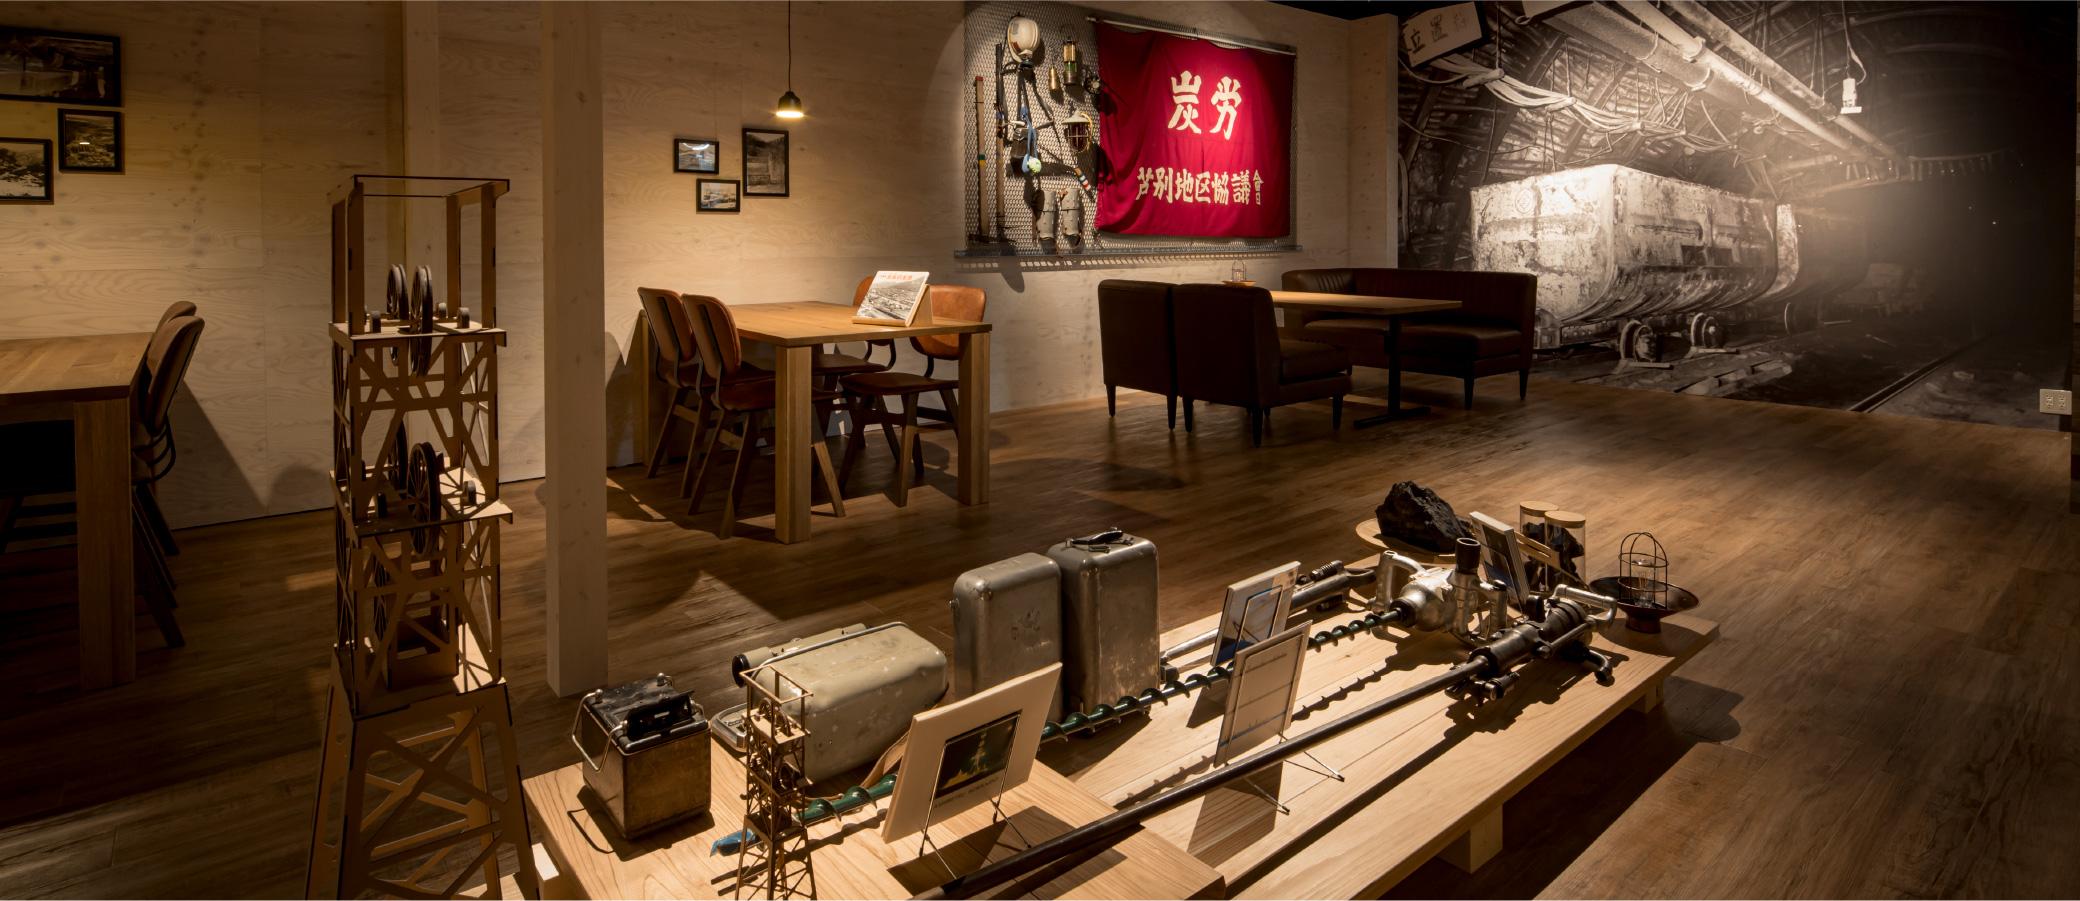 炭鉱の街として栄えた芦別市歴史を継承するレストラン